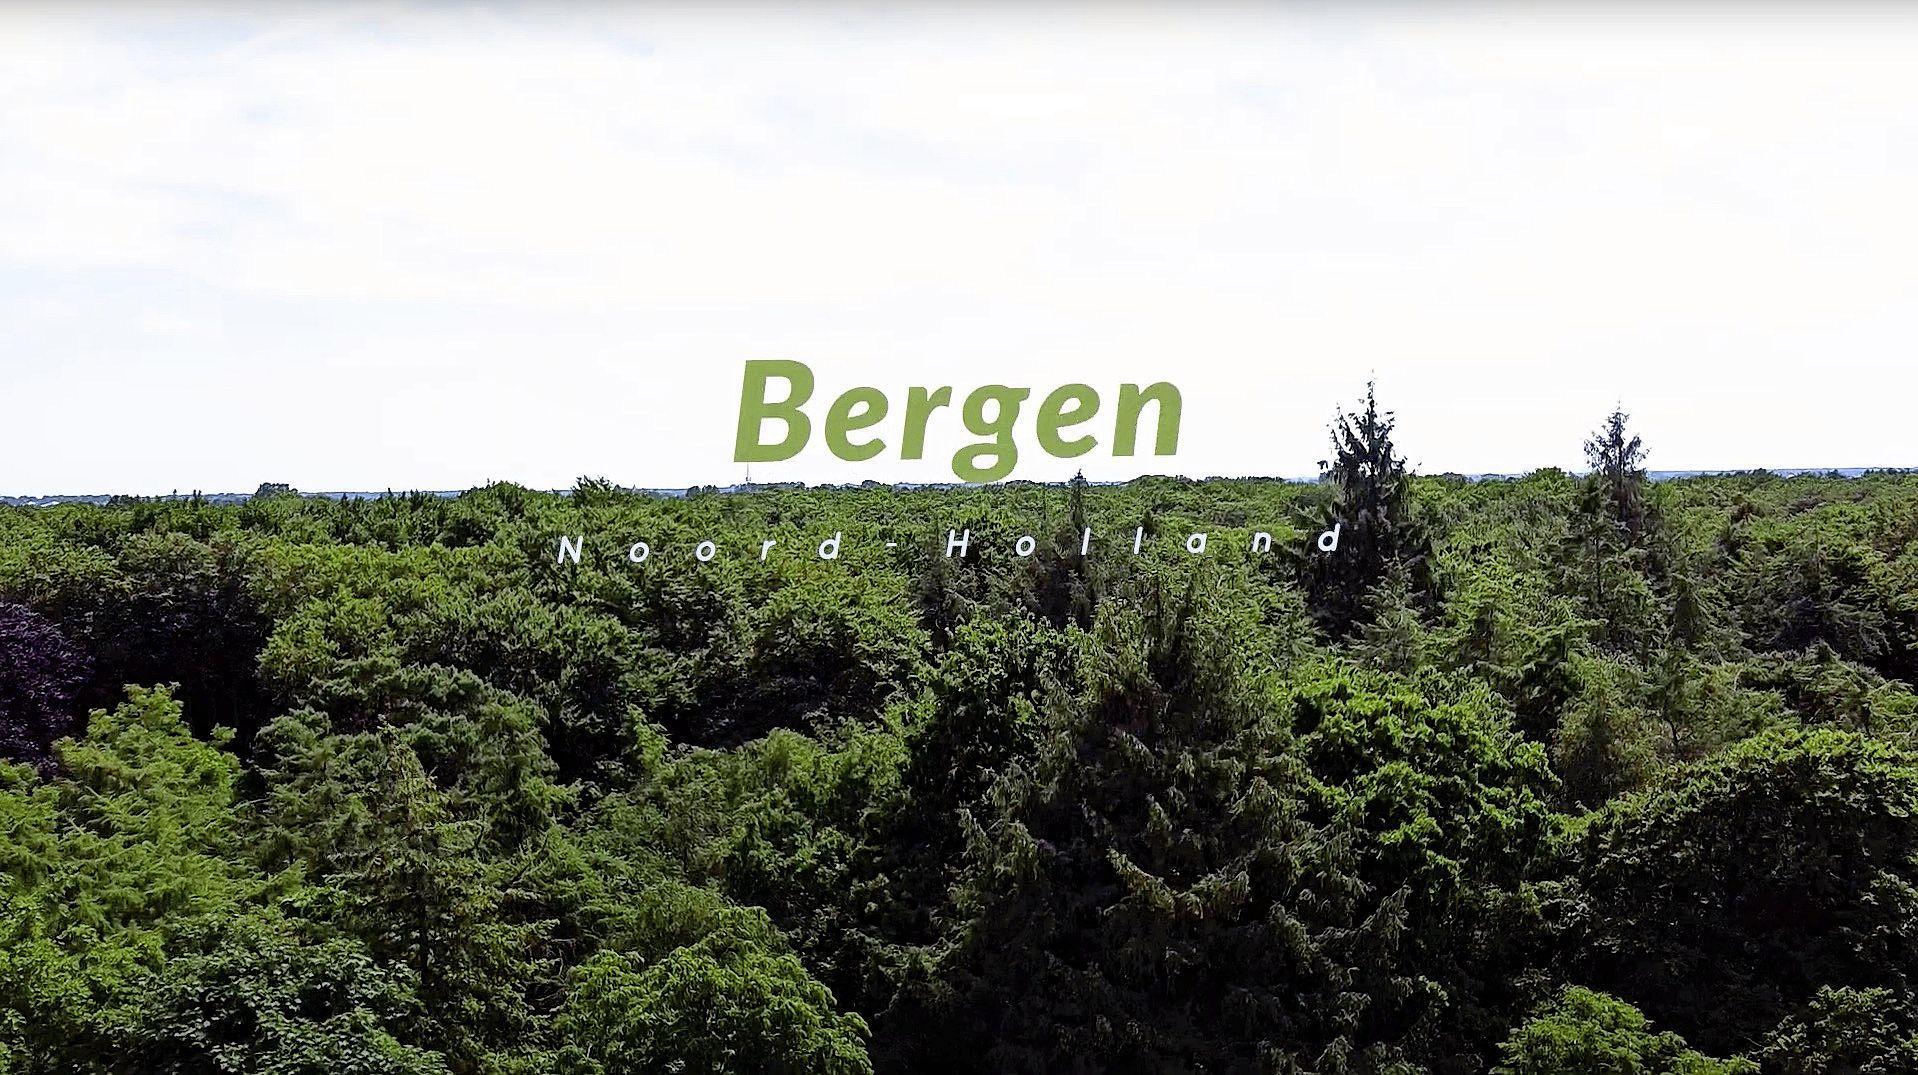 Een gelikt filmpje, een nieuwe website en een 'slimme campagne': Bergen maakt zich klaar voor bezoekers nu de coronamaatregelen versoepelen [video]